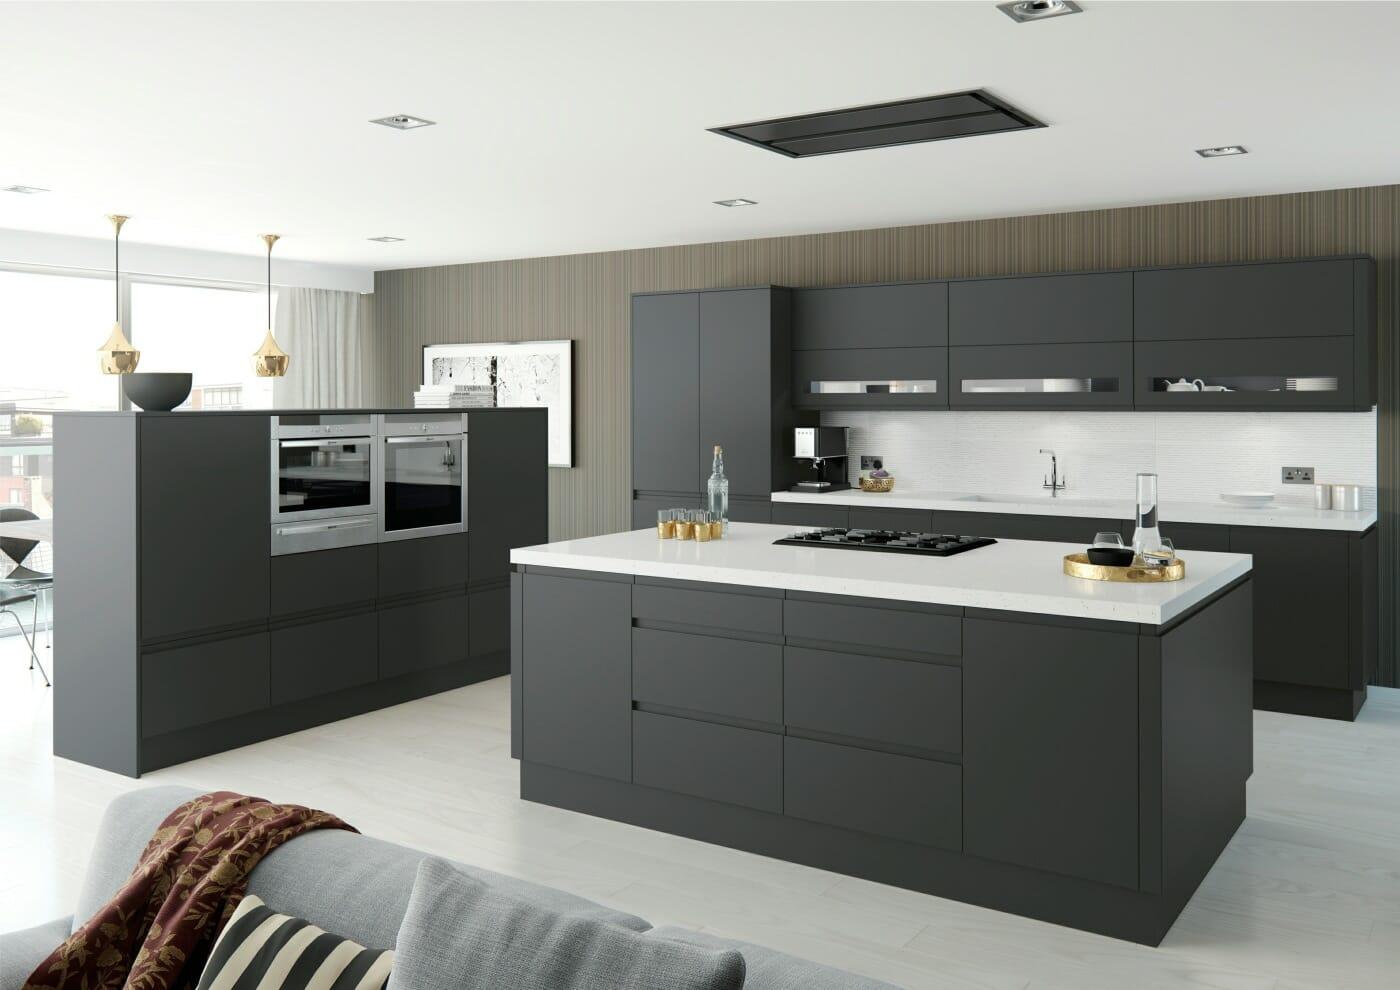 Moda anthracite matt mastercraft kitchens for Matt black kitchen doors